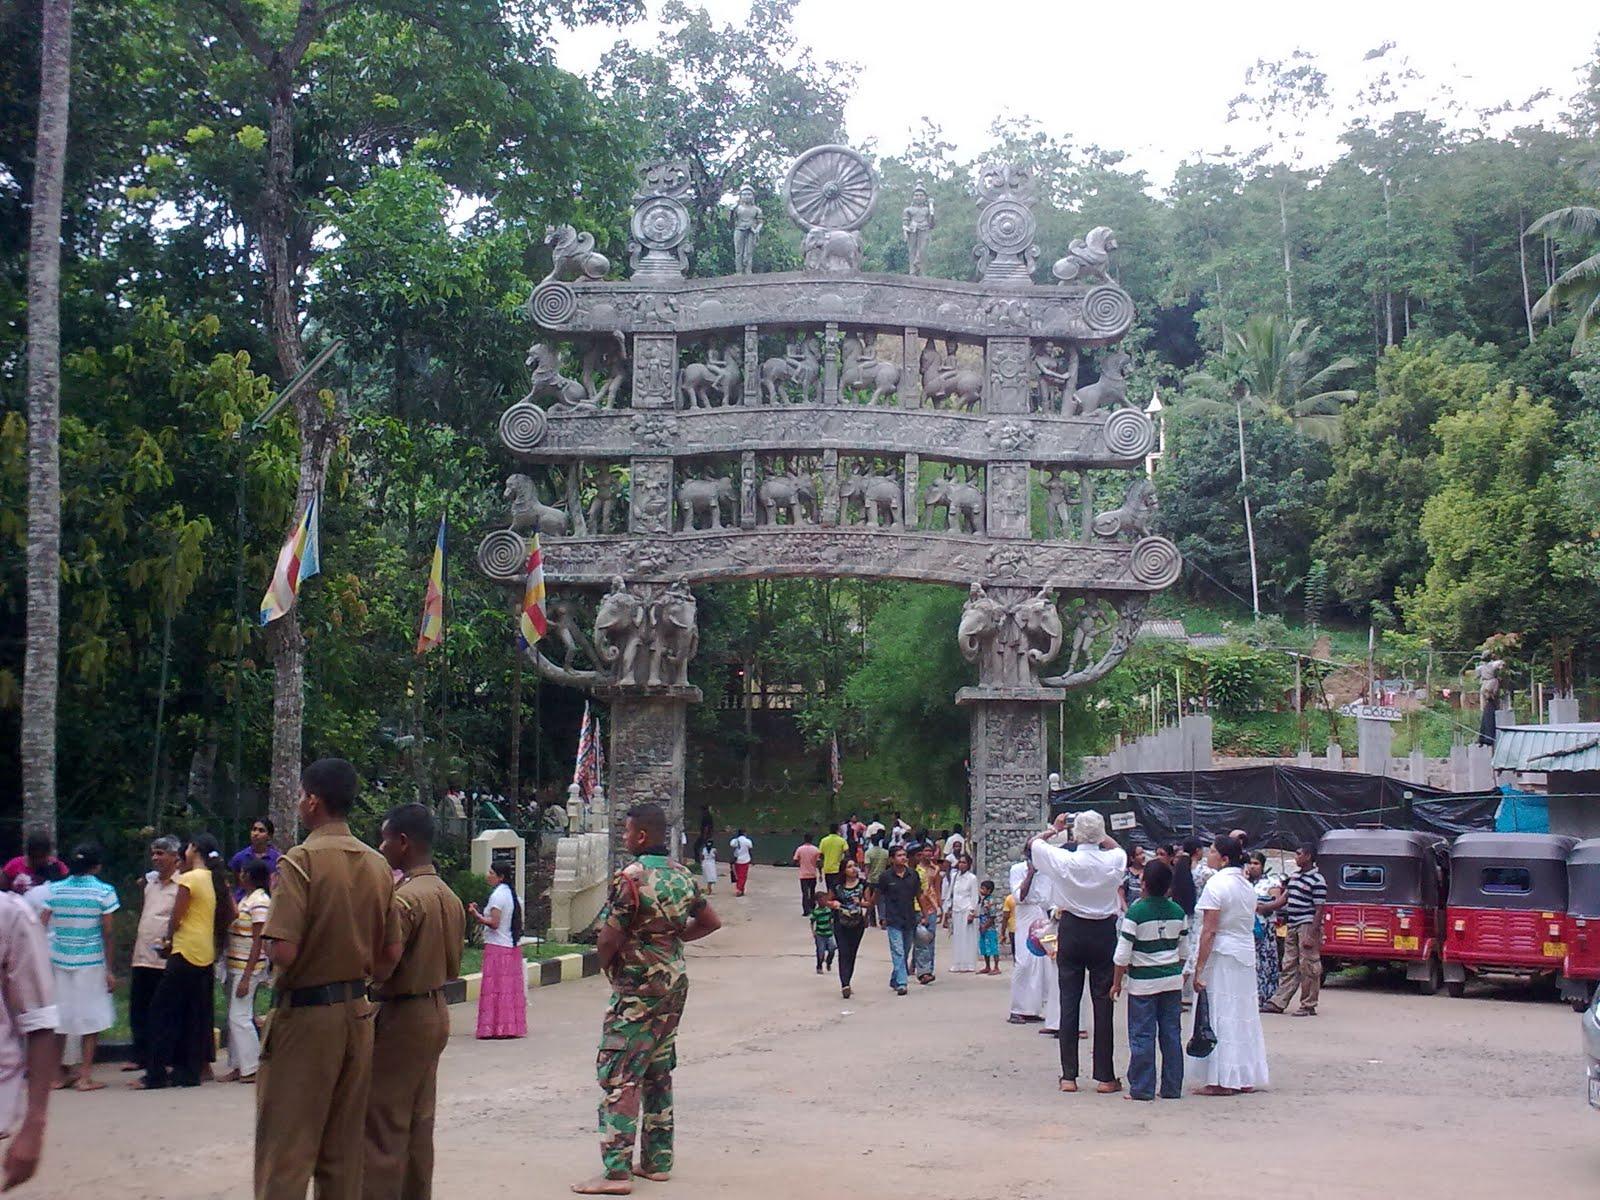 Храм Ranawana Purana Rajamaha Viharaya